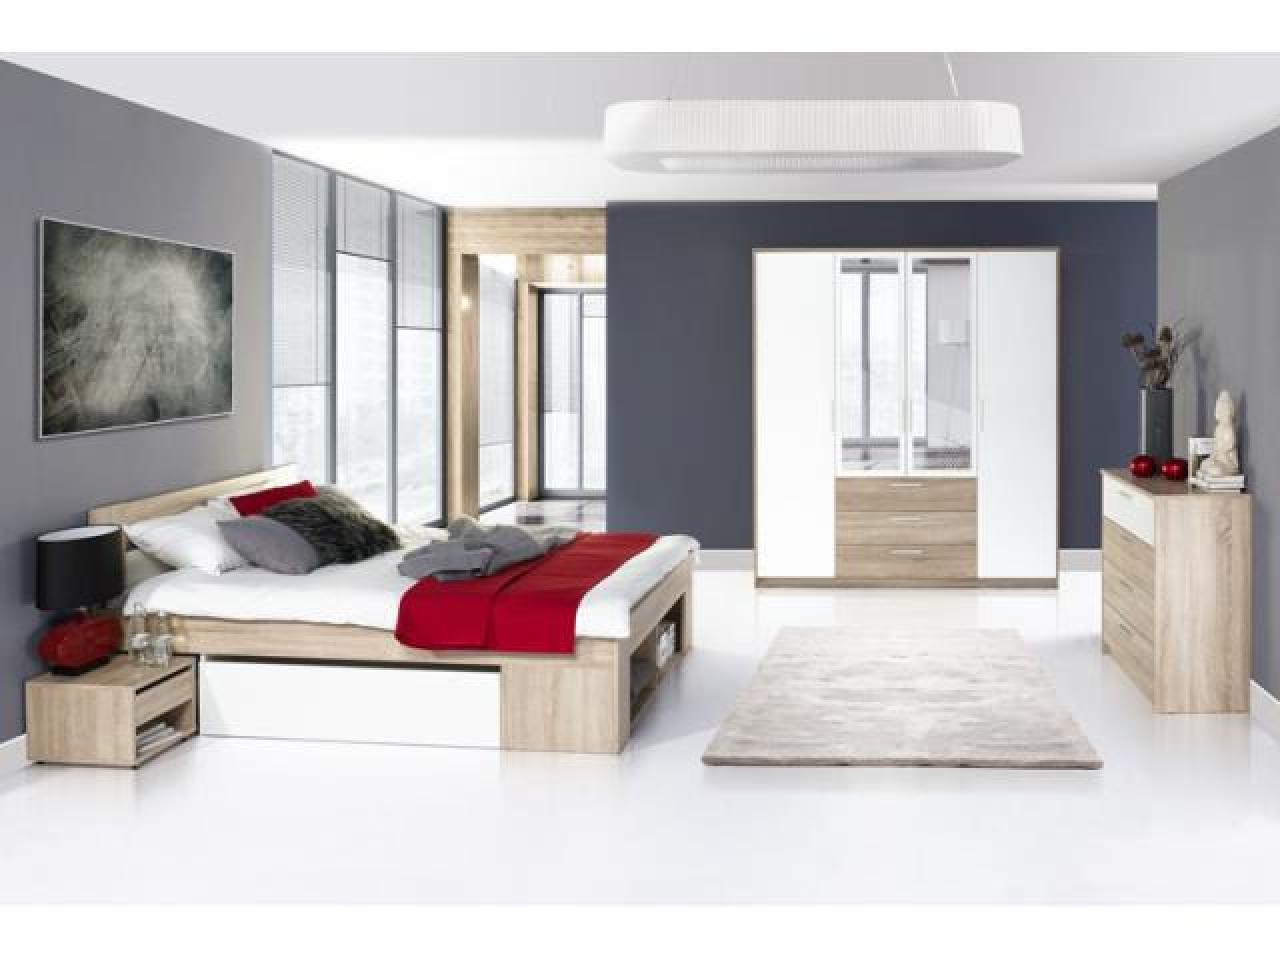 Лучшие цены на мебель со склада в Лондоне - 1